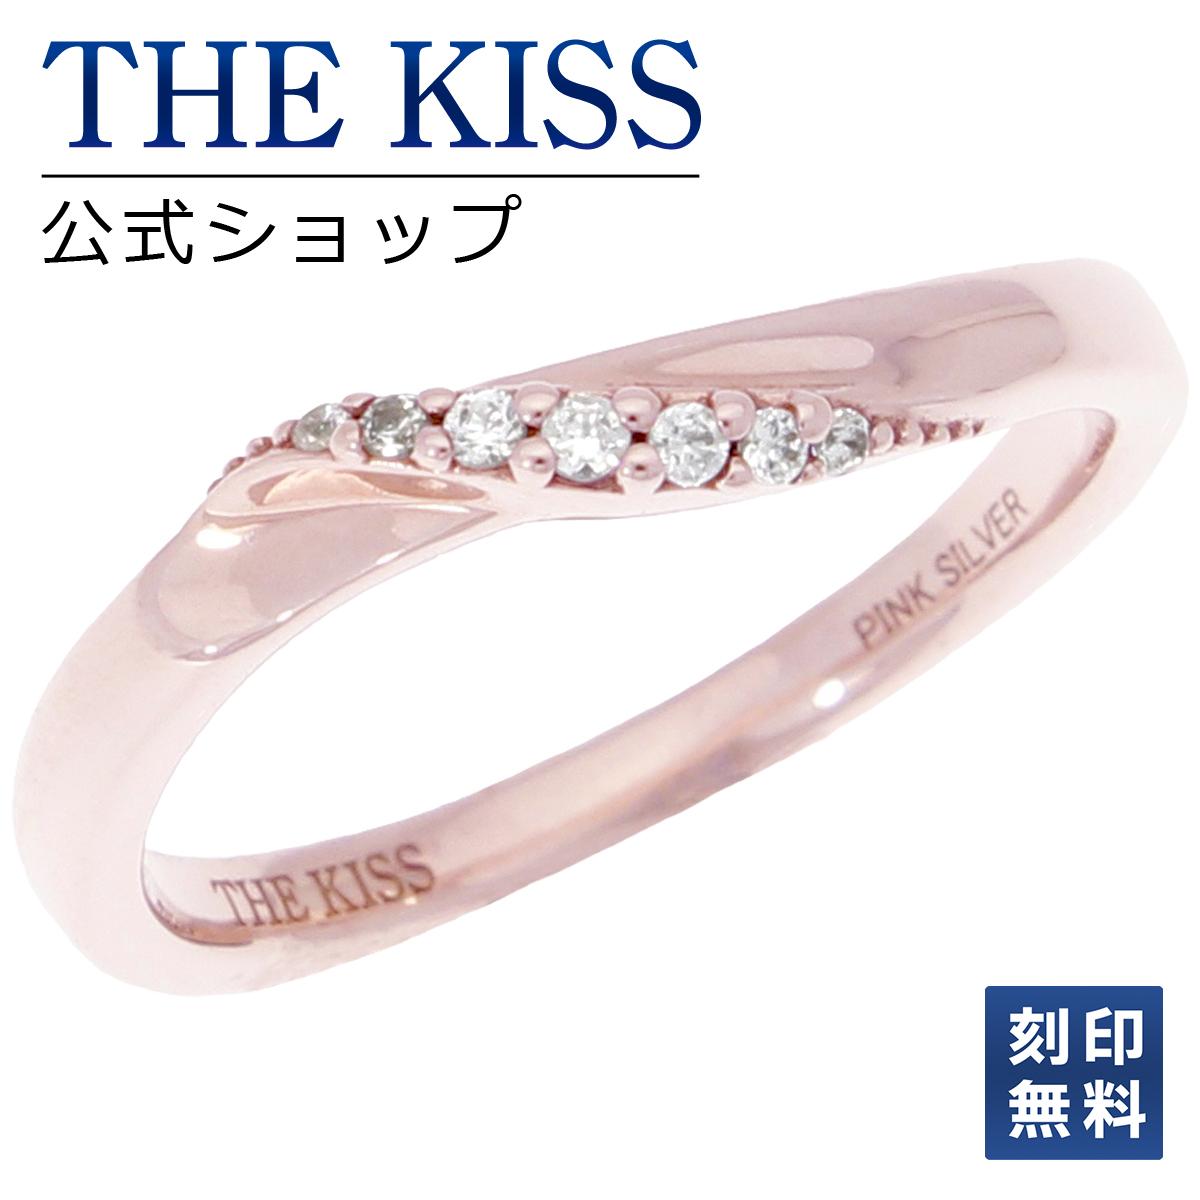 【刻印可_3文字】【あす楽対応】THE KISS 公式サイト シルバー ペアリング ( レディース 単品 ) ペアアクセサリー カップル に 人気 の ジュエリーブランド THEKISS ペア リング・指輪 記念日 プレゼント PSV800CB ザキス 【送料無料】